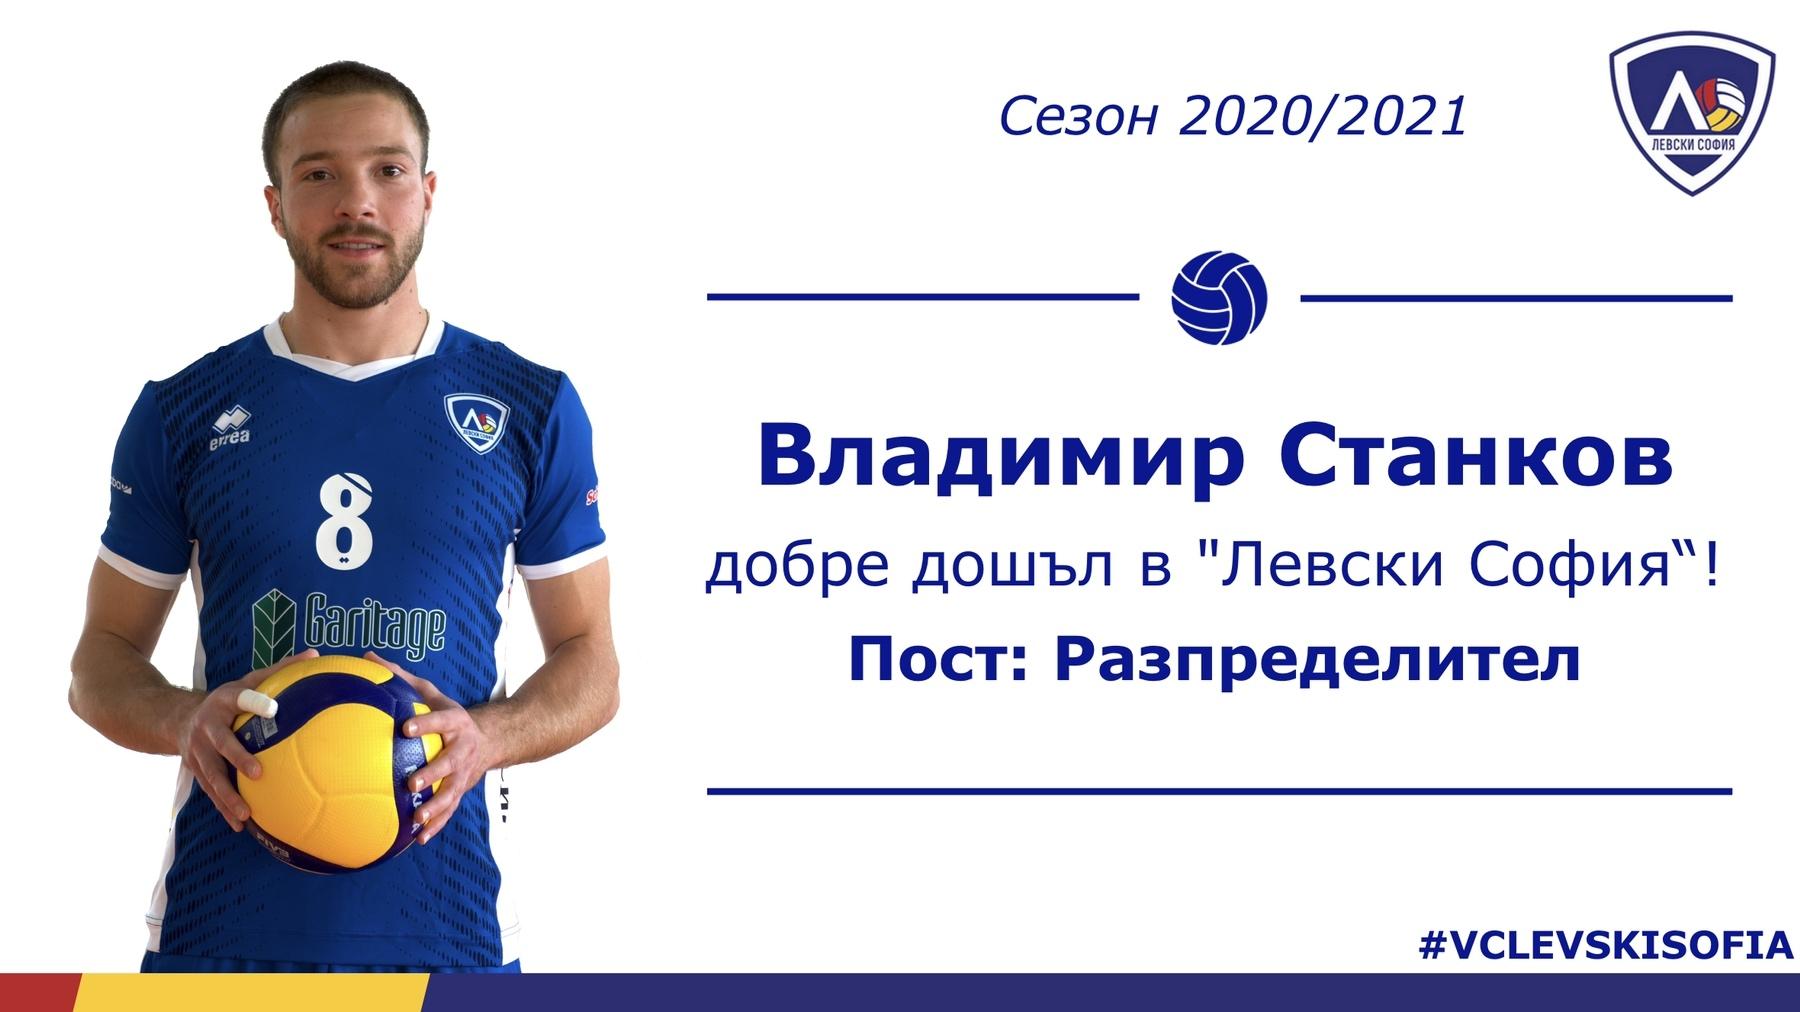 Владимир Станков е четвъртото ново попълнение на мъжкия ни отбор.